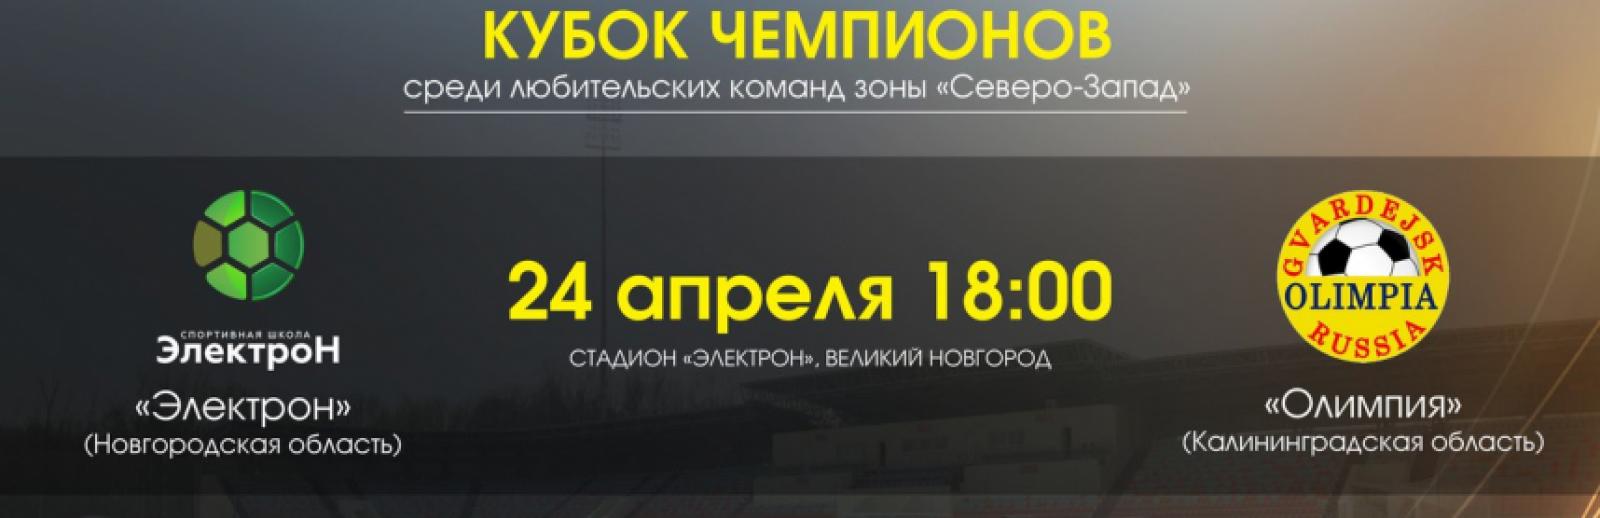 Сегодня «Электрон» сыграет против чемпиона Калининградской области